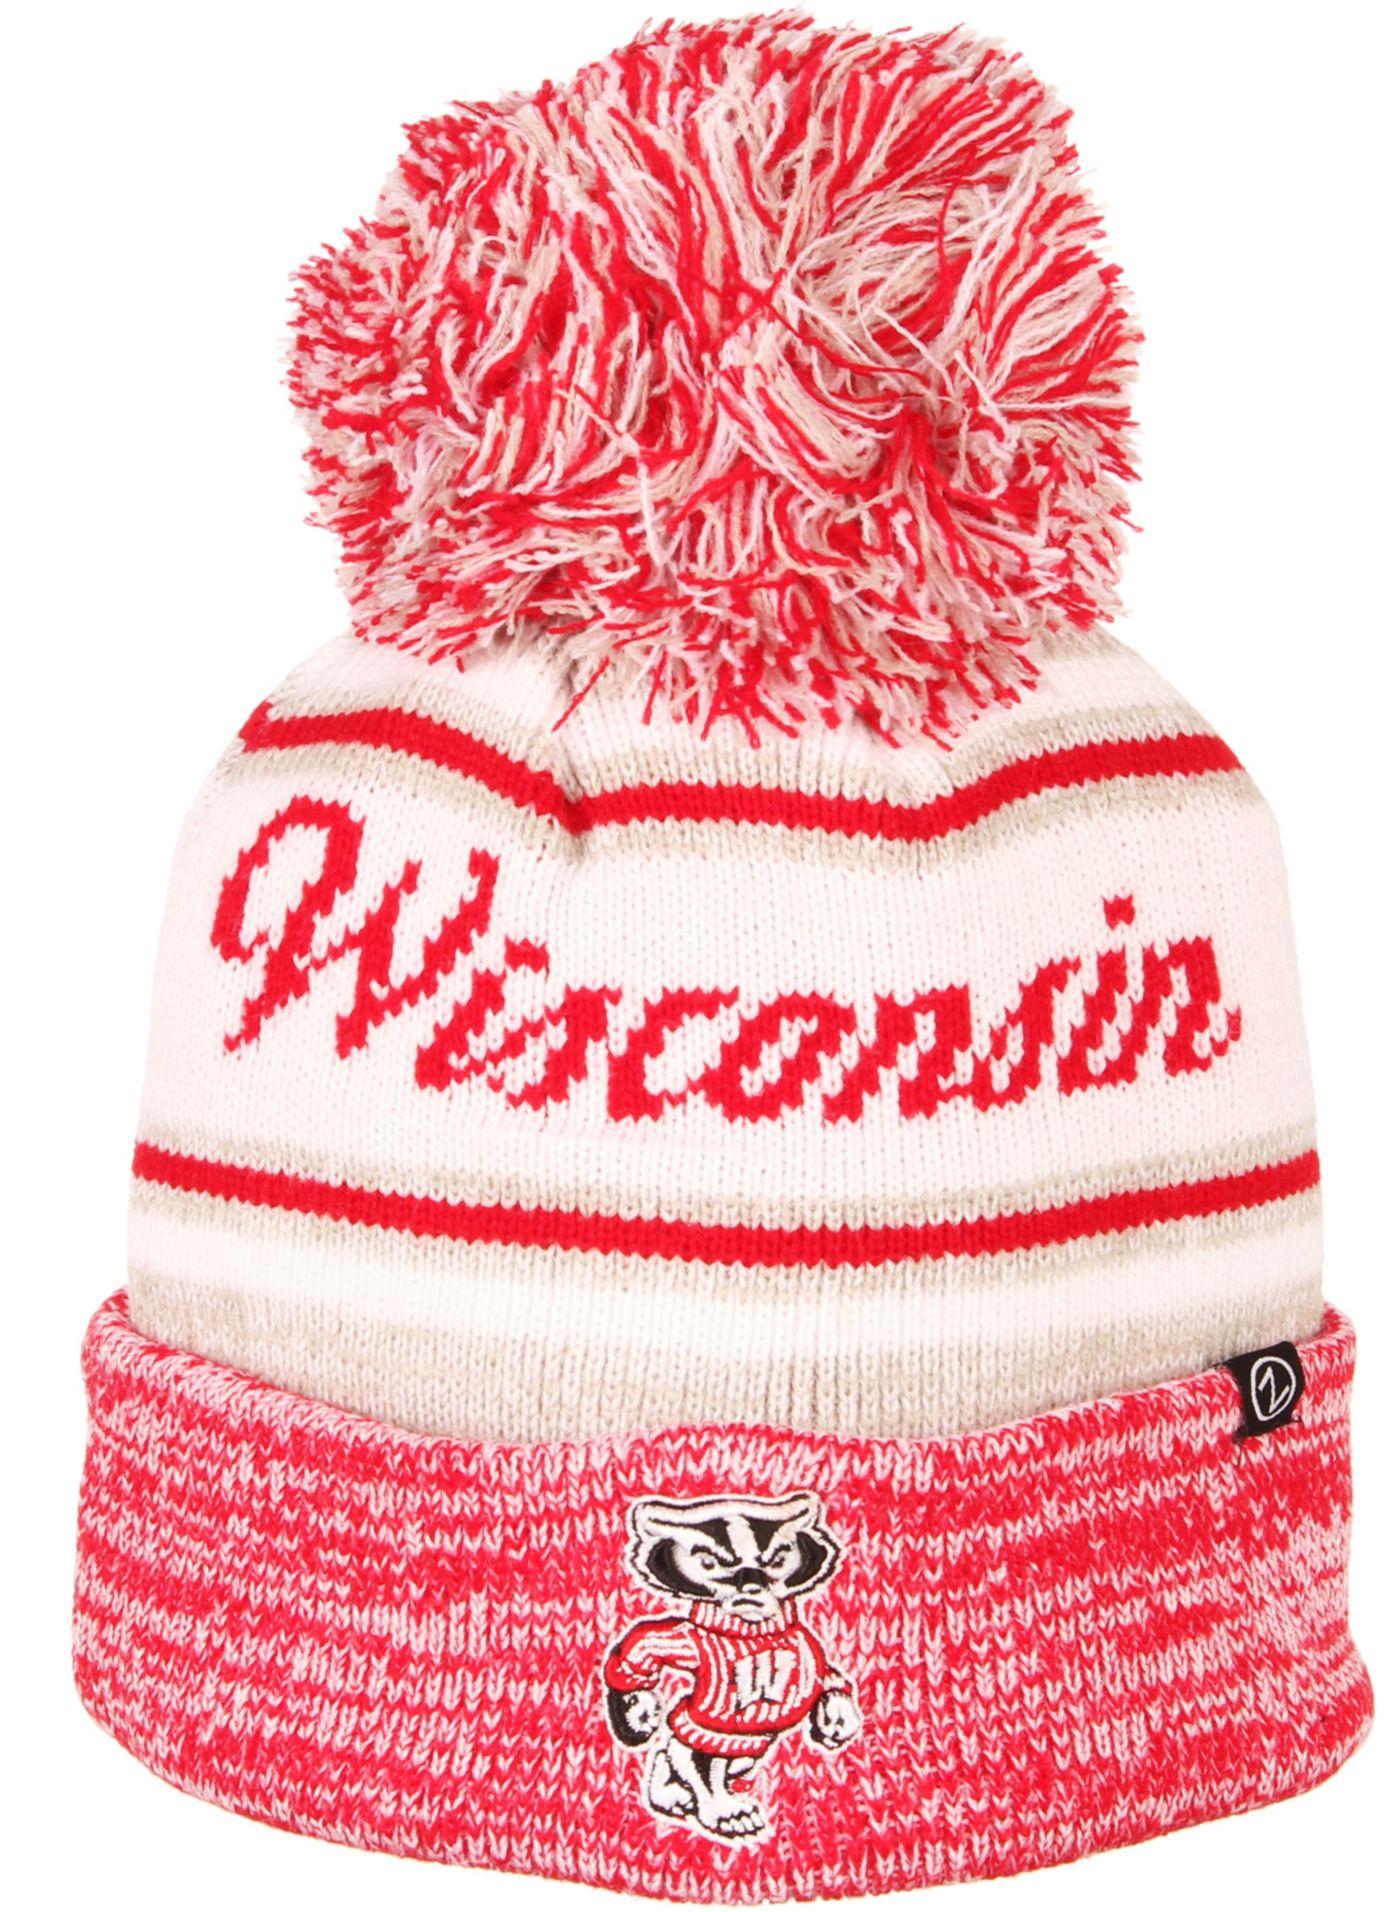 Zephyr Men's Wisconsin Badgers Red Diana Pom Knit Beanie